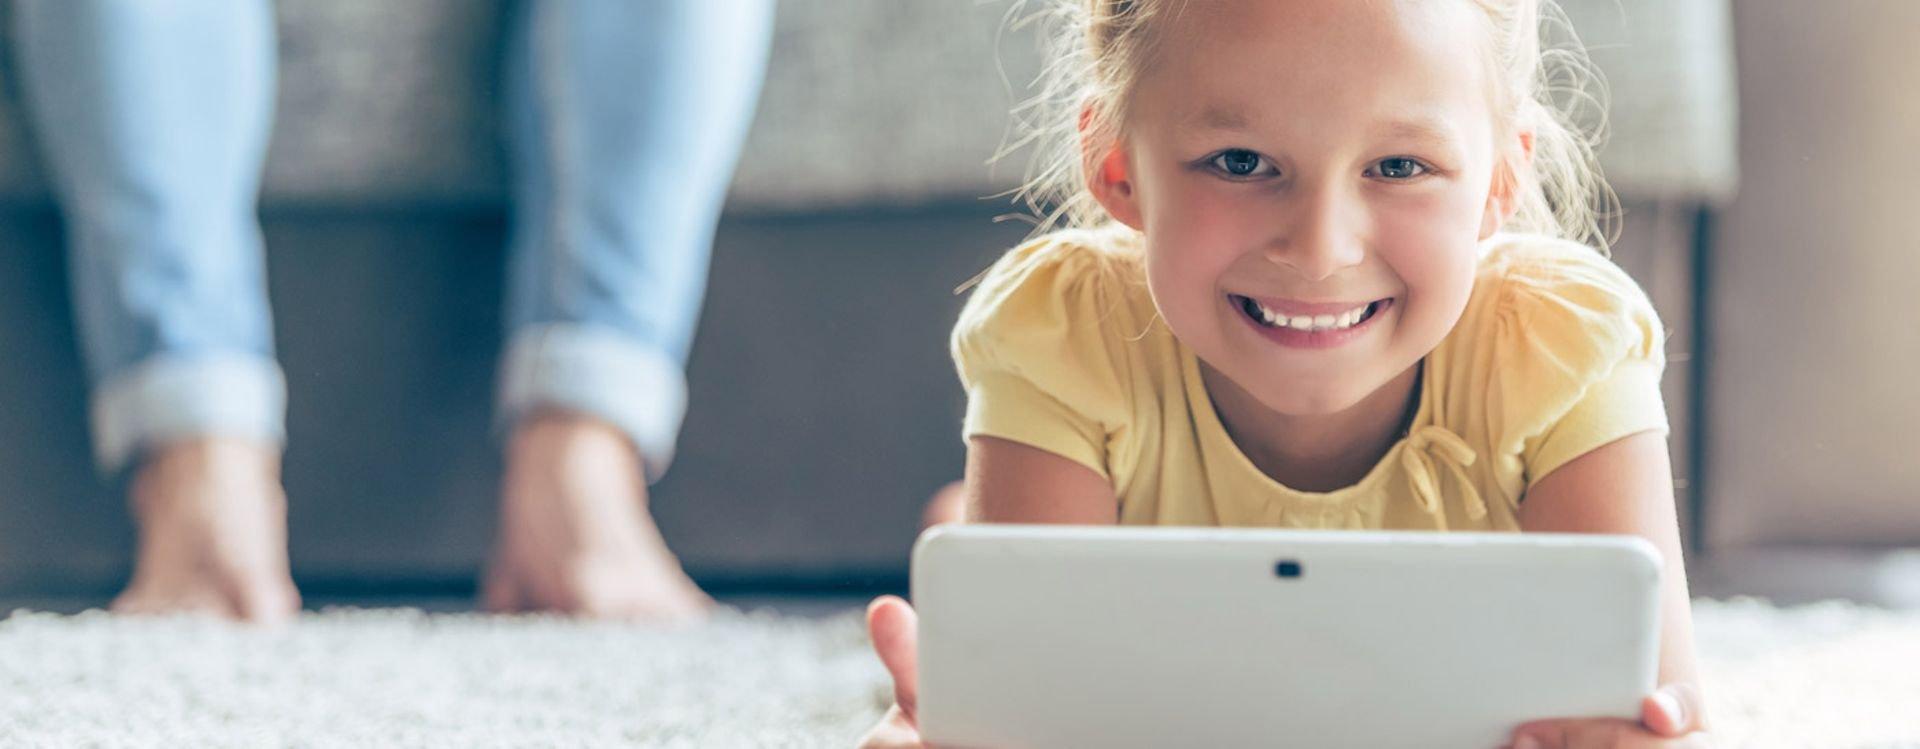 هل الأجهزة اللوحية مناسبة لاستخدام الأطفال؟